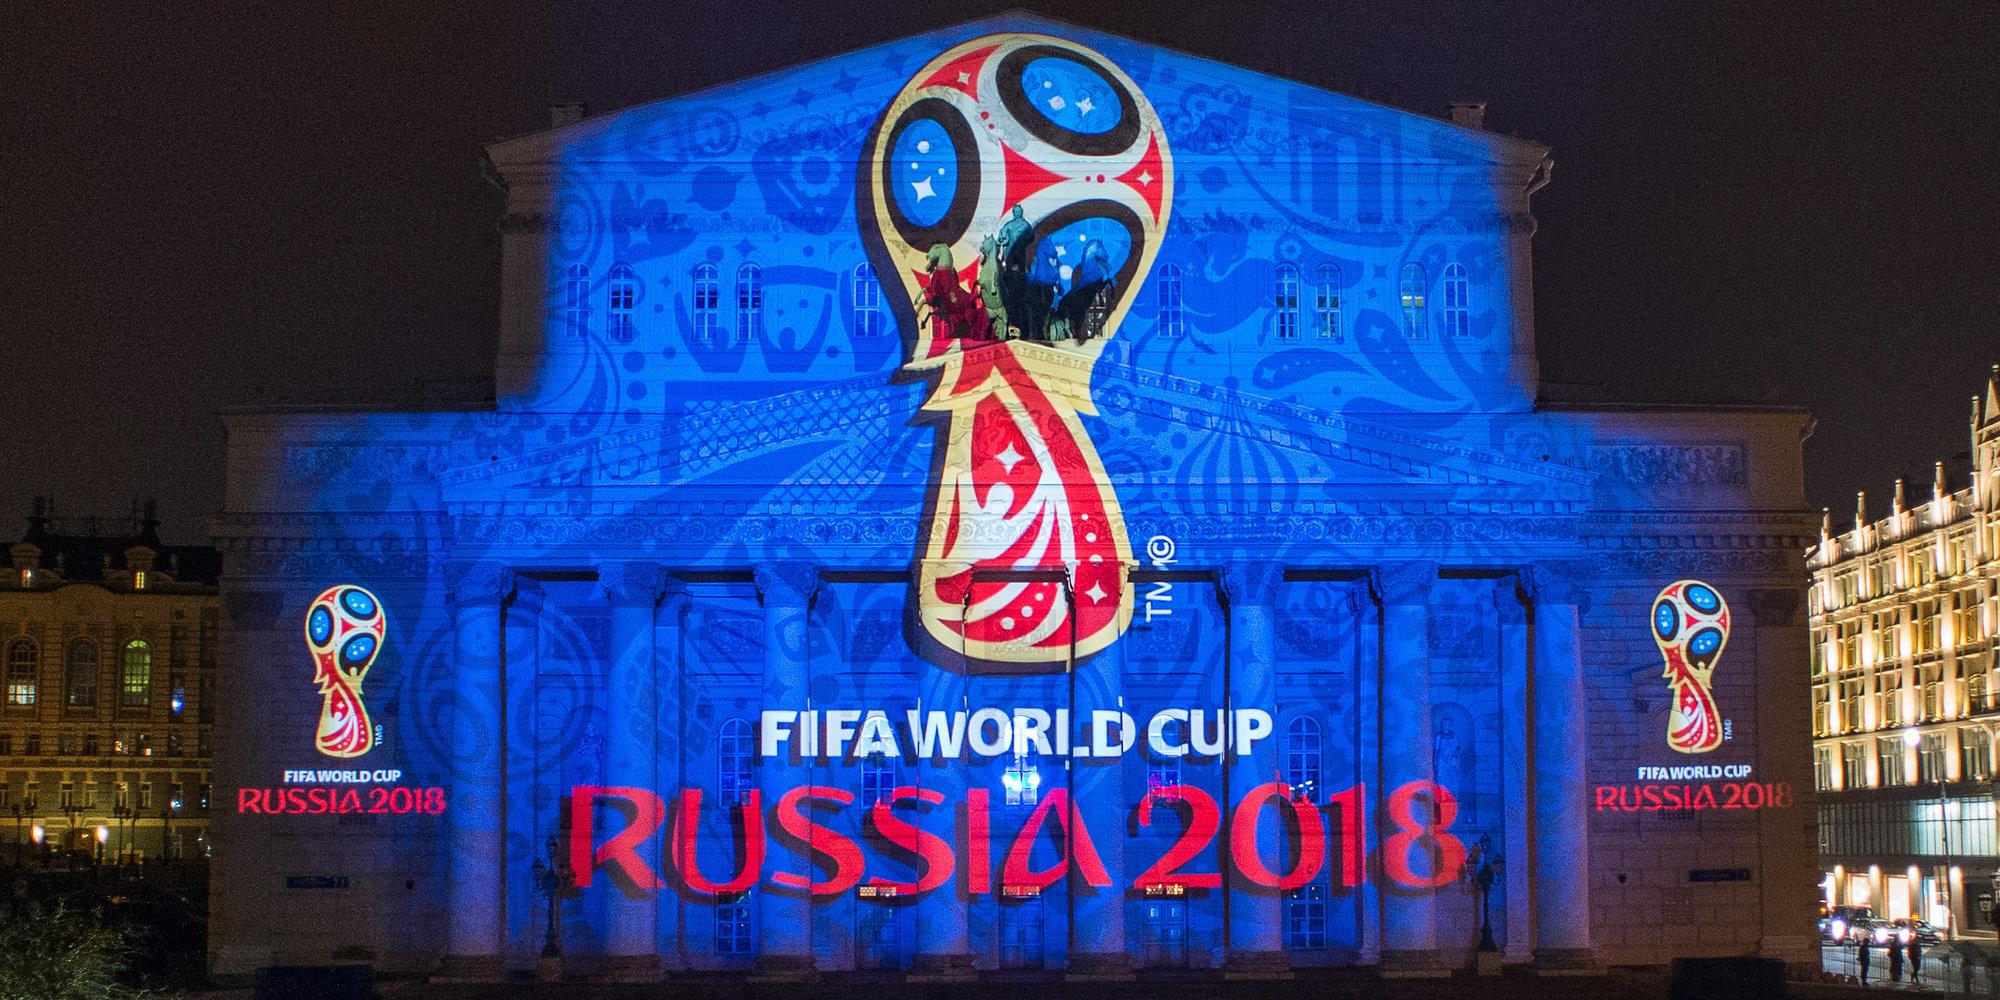 Сборную Британии накажут забойкот ЧМ-2018 в Российской Федерации